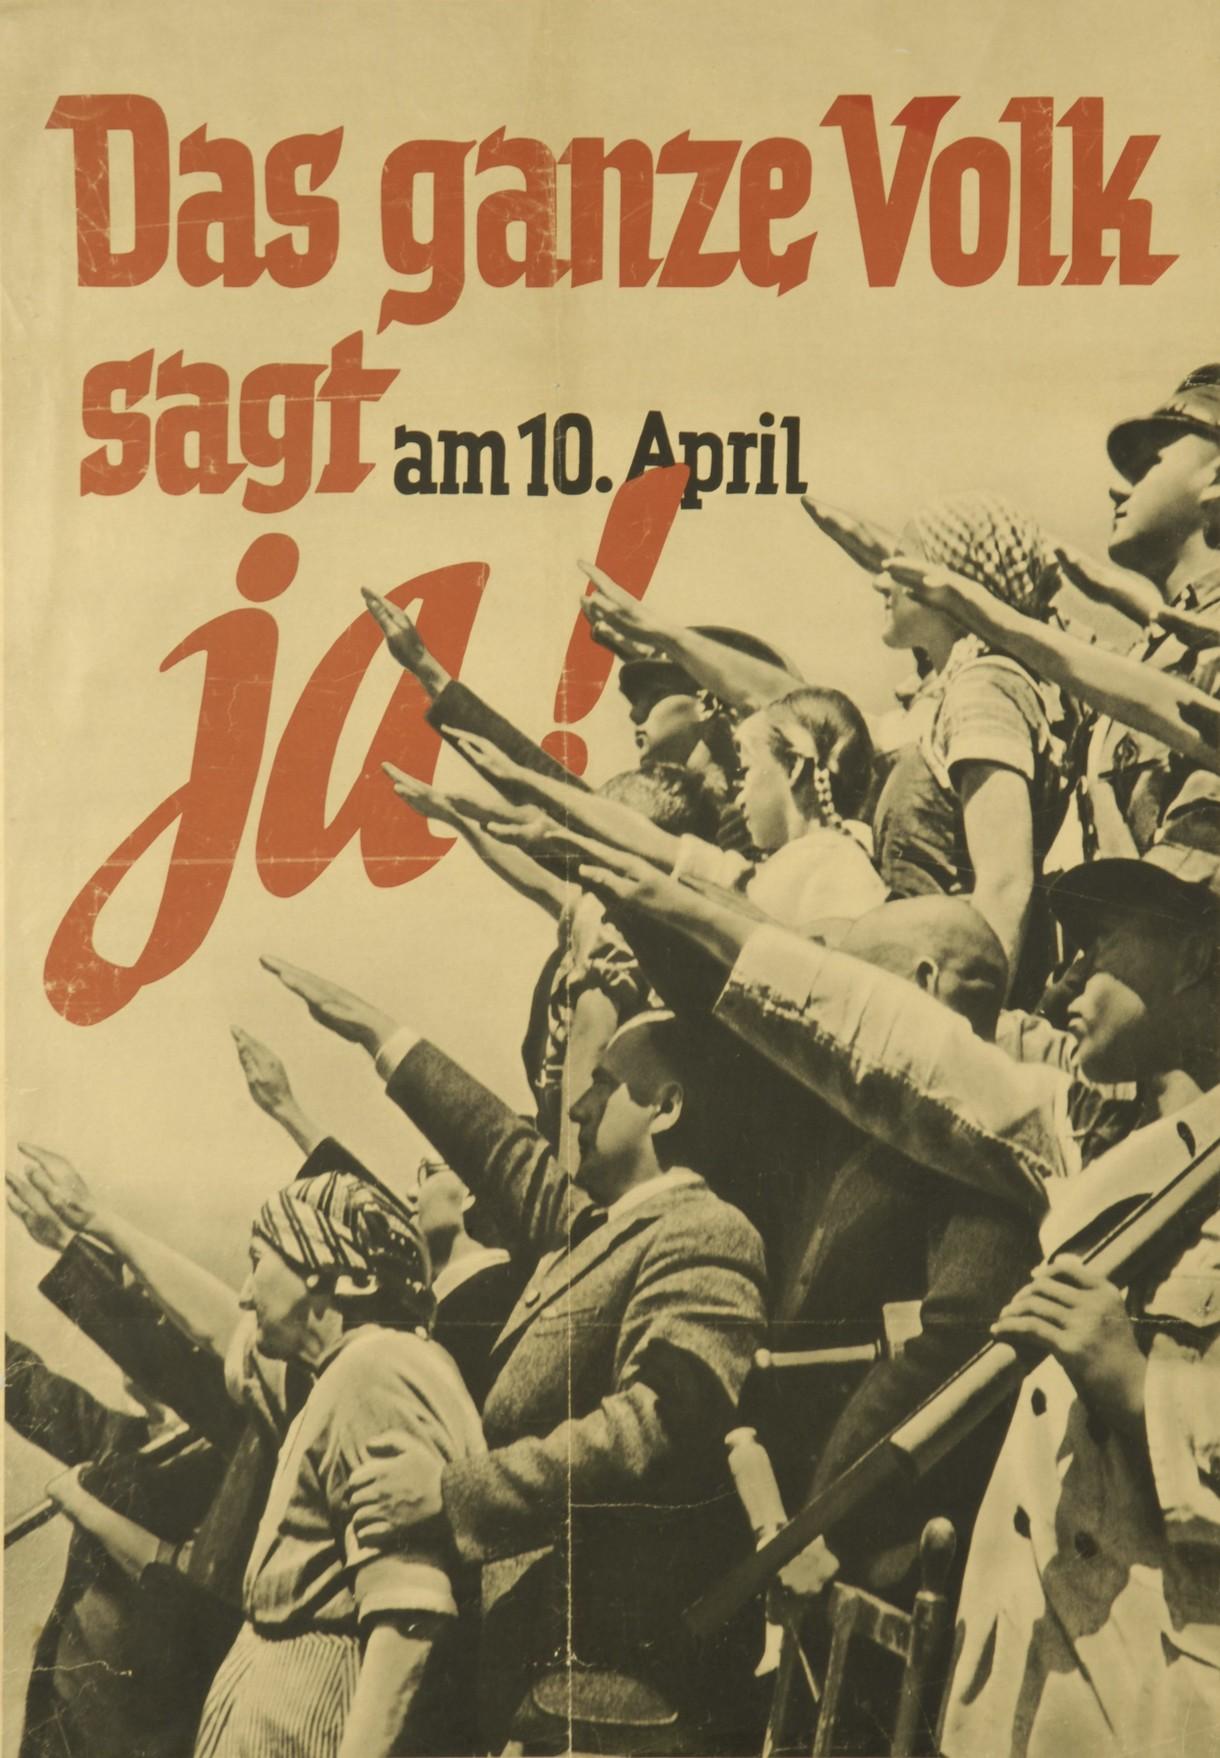 Plakat zur Abstimmung über den Anschluss Österreichs mit einer Menschenmenge, die den Hitlergruß zeigt.